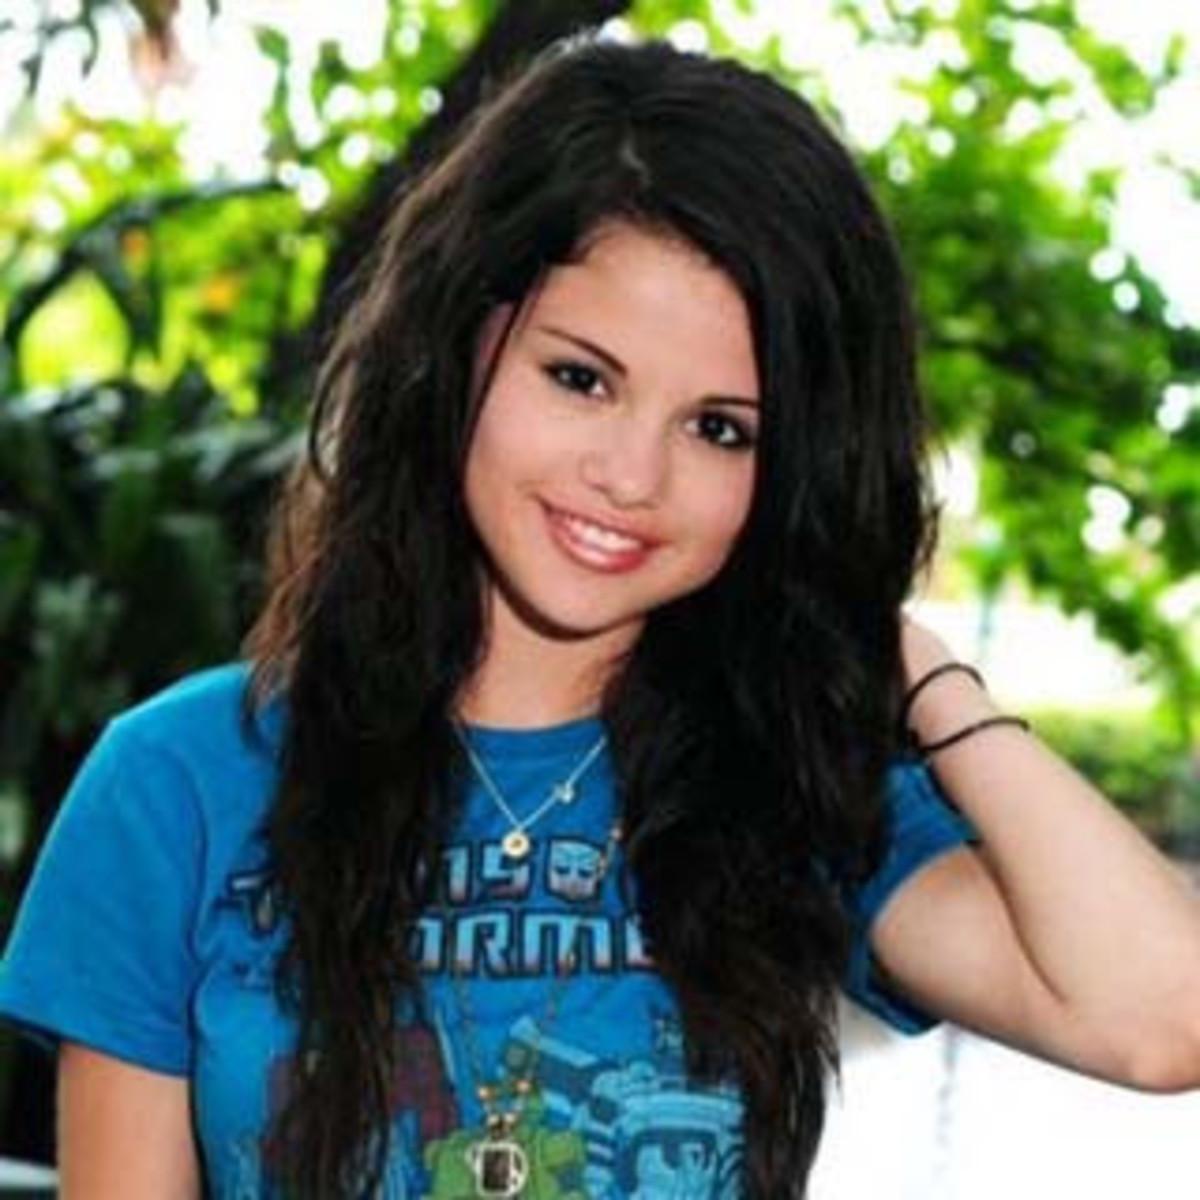 Selena Gomez Hairstyles: Long, Short, Wavy, Straight